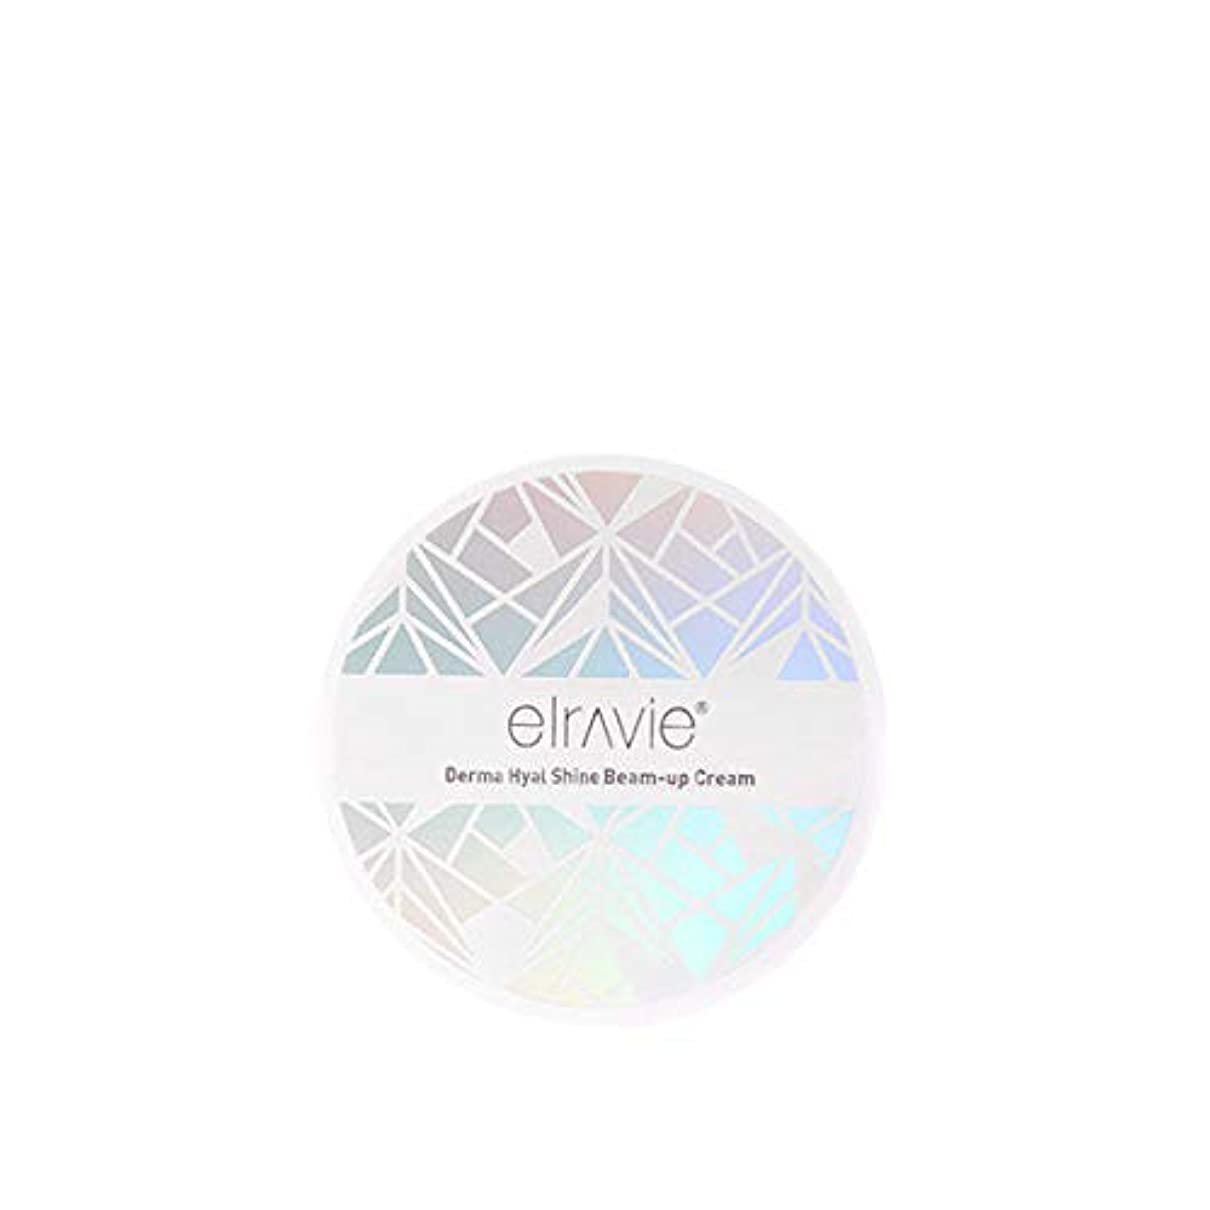 エラヴィー[Elravie] ダーマヒアルロン酸 輝くビームアップクリーム15g / Derma Hyal Shine Beam-up Cream